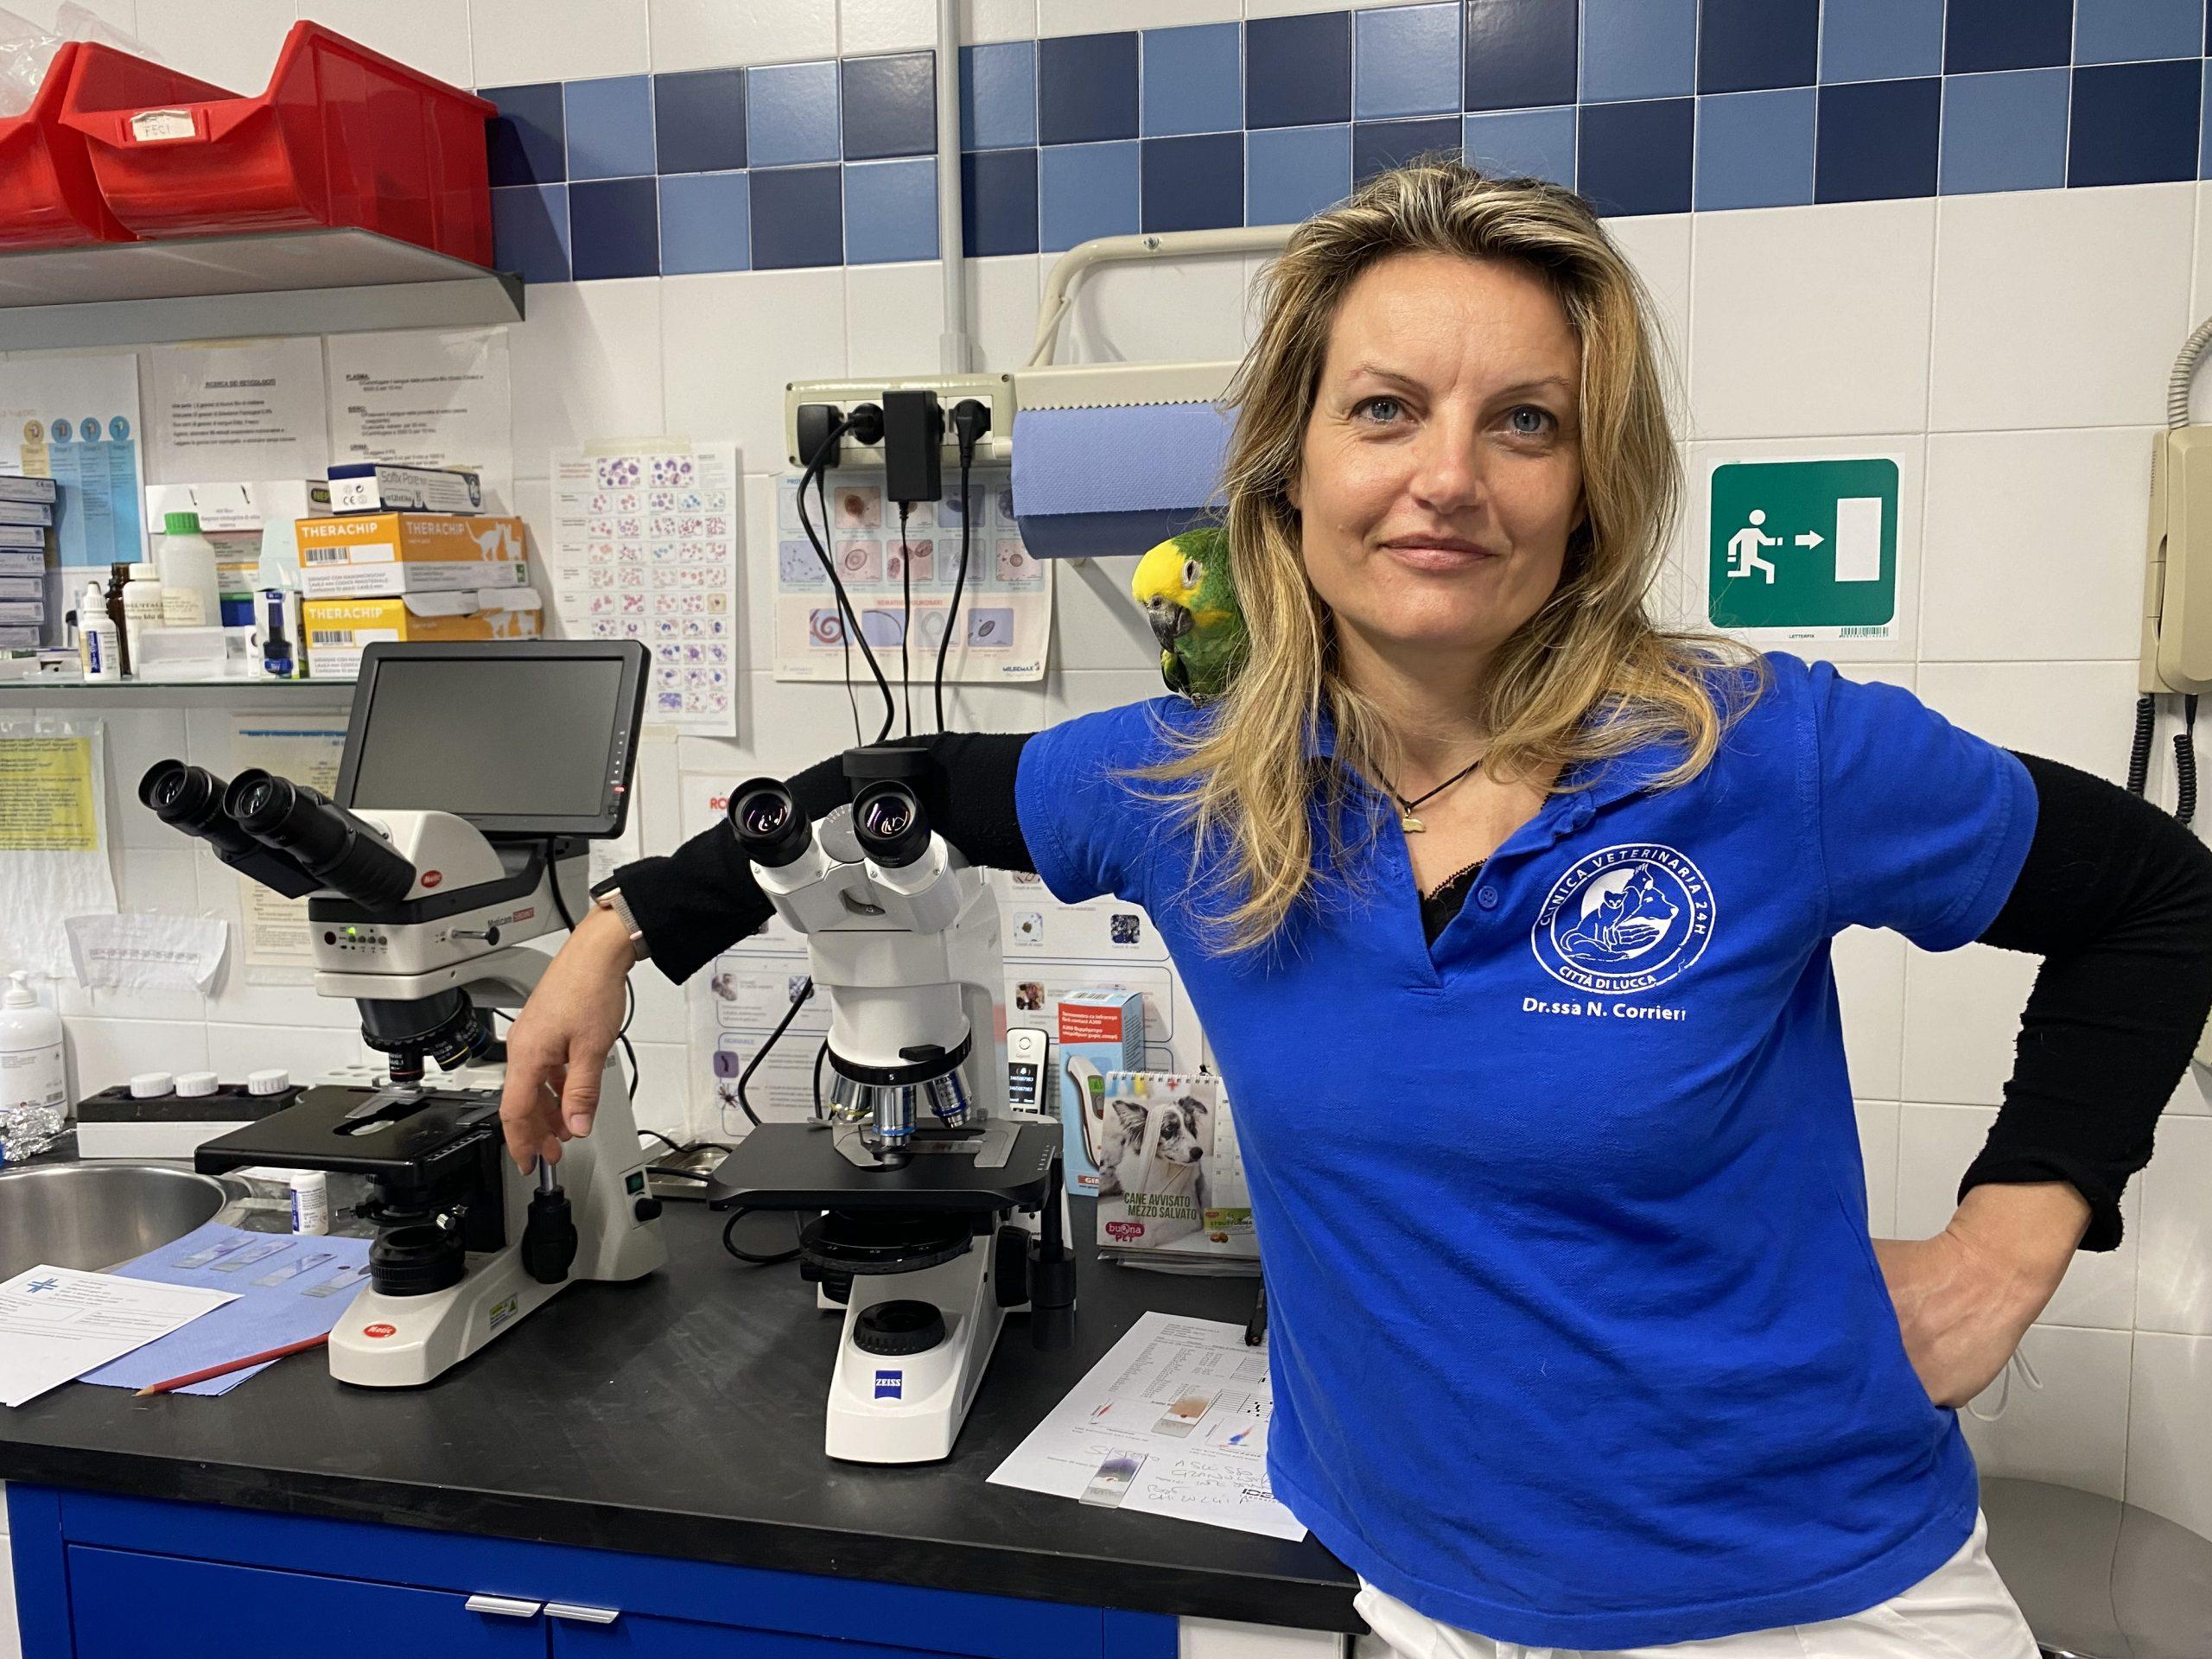 Dott.ssa Nicoletta Corrieri